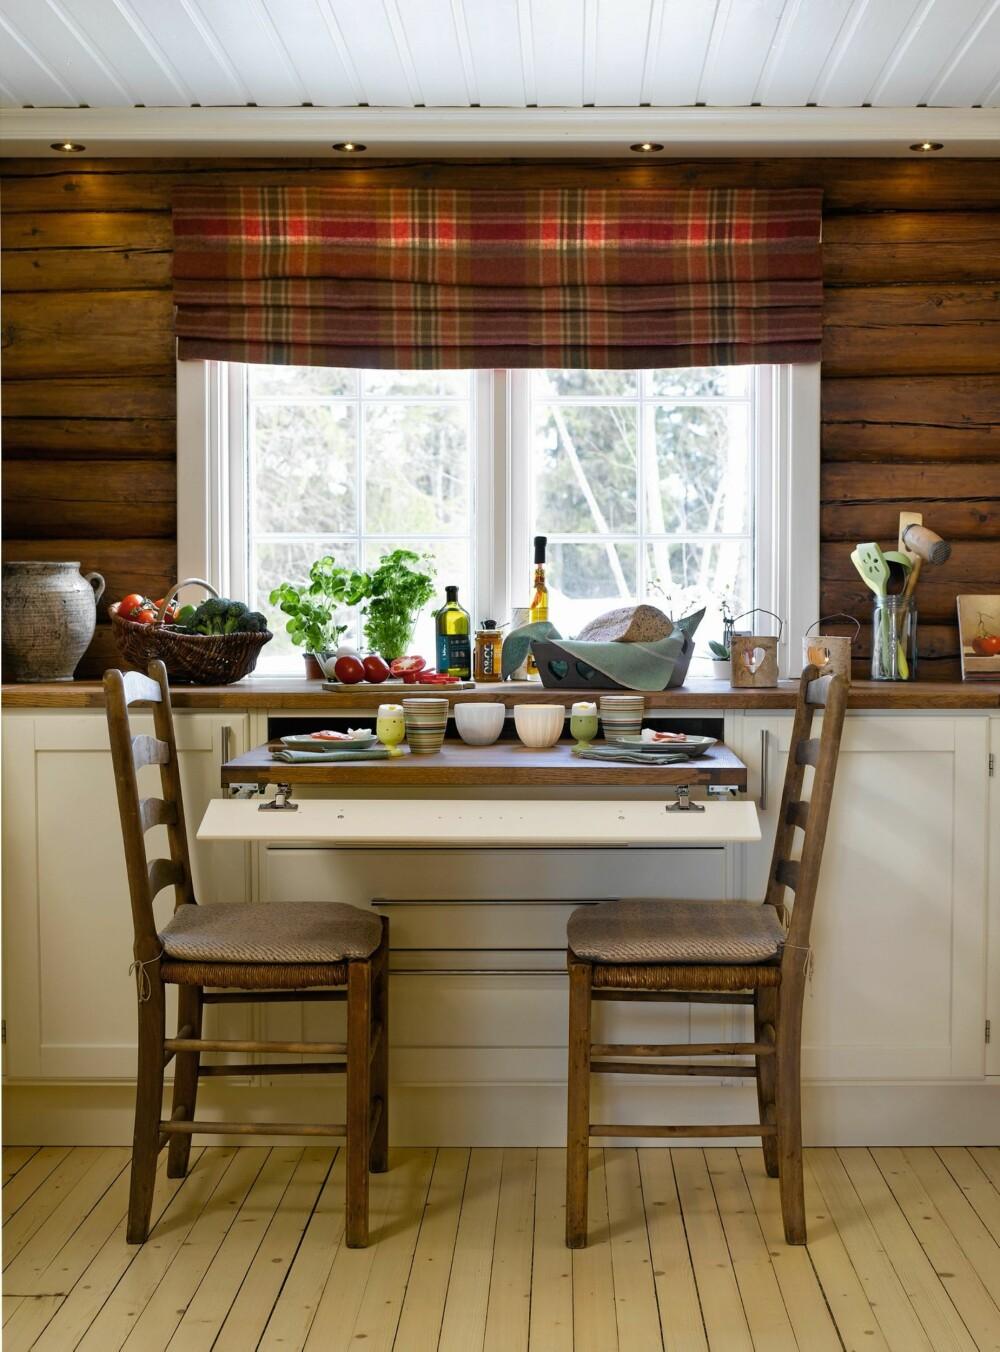 FLEKSIBEL SPISEKROK: Det var hytteeiernes idé å lage en uttrekkbar plate. De ønsket seg en spiseplass på kjøkkenet uten å måtte ofre gulvplass til bord og stoler. Løsningen er funksjonell og plassbesparende.